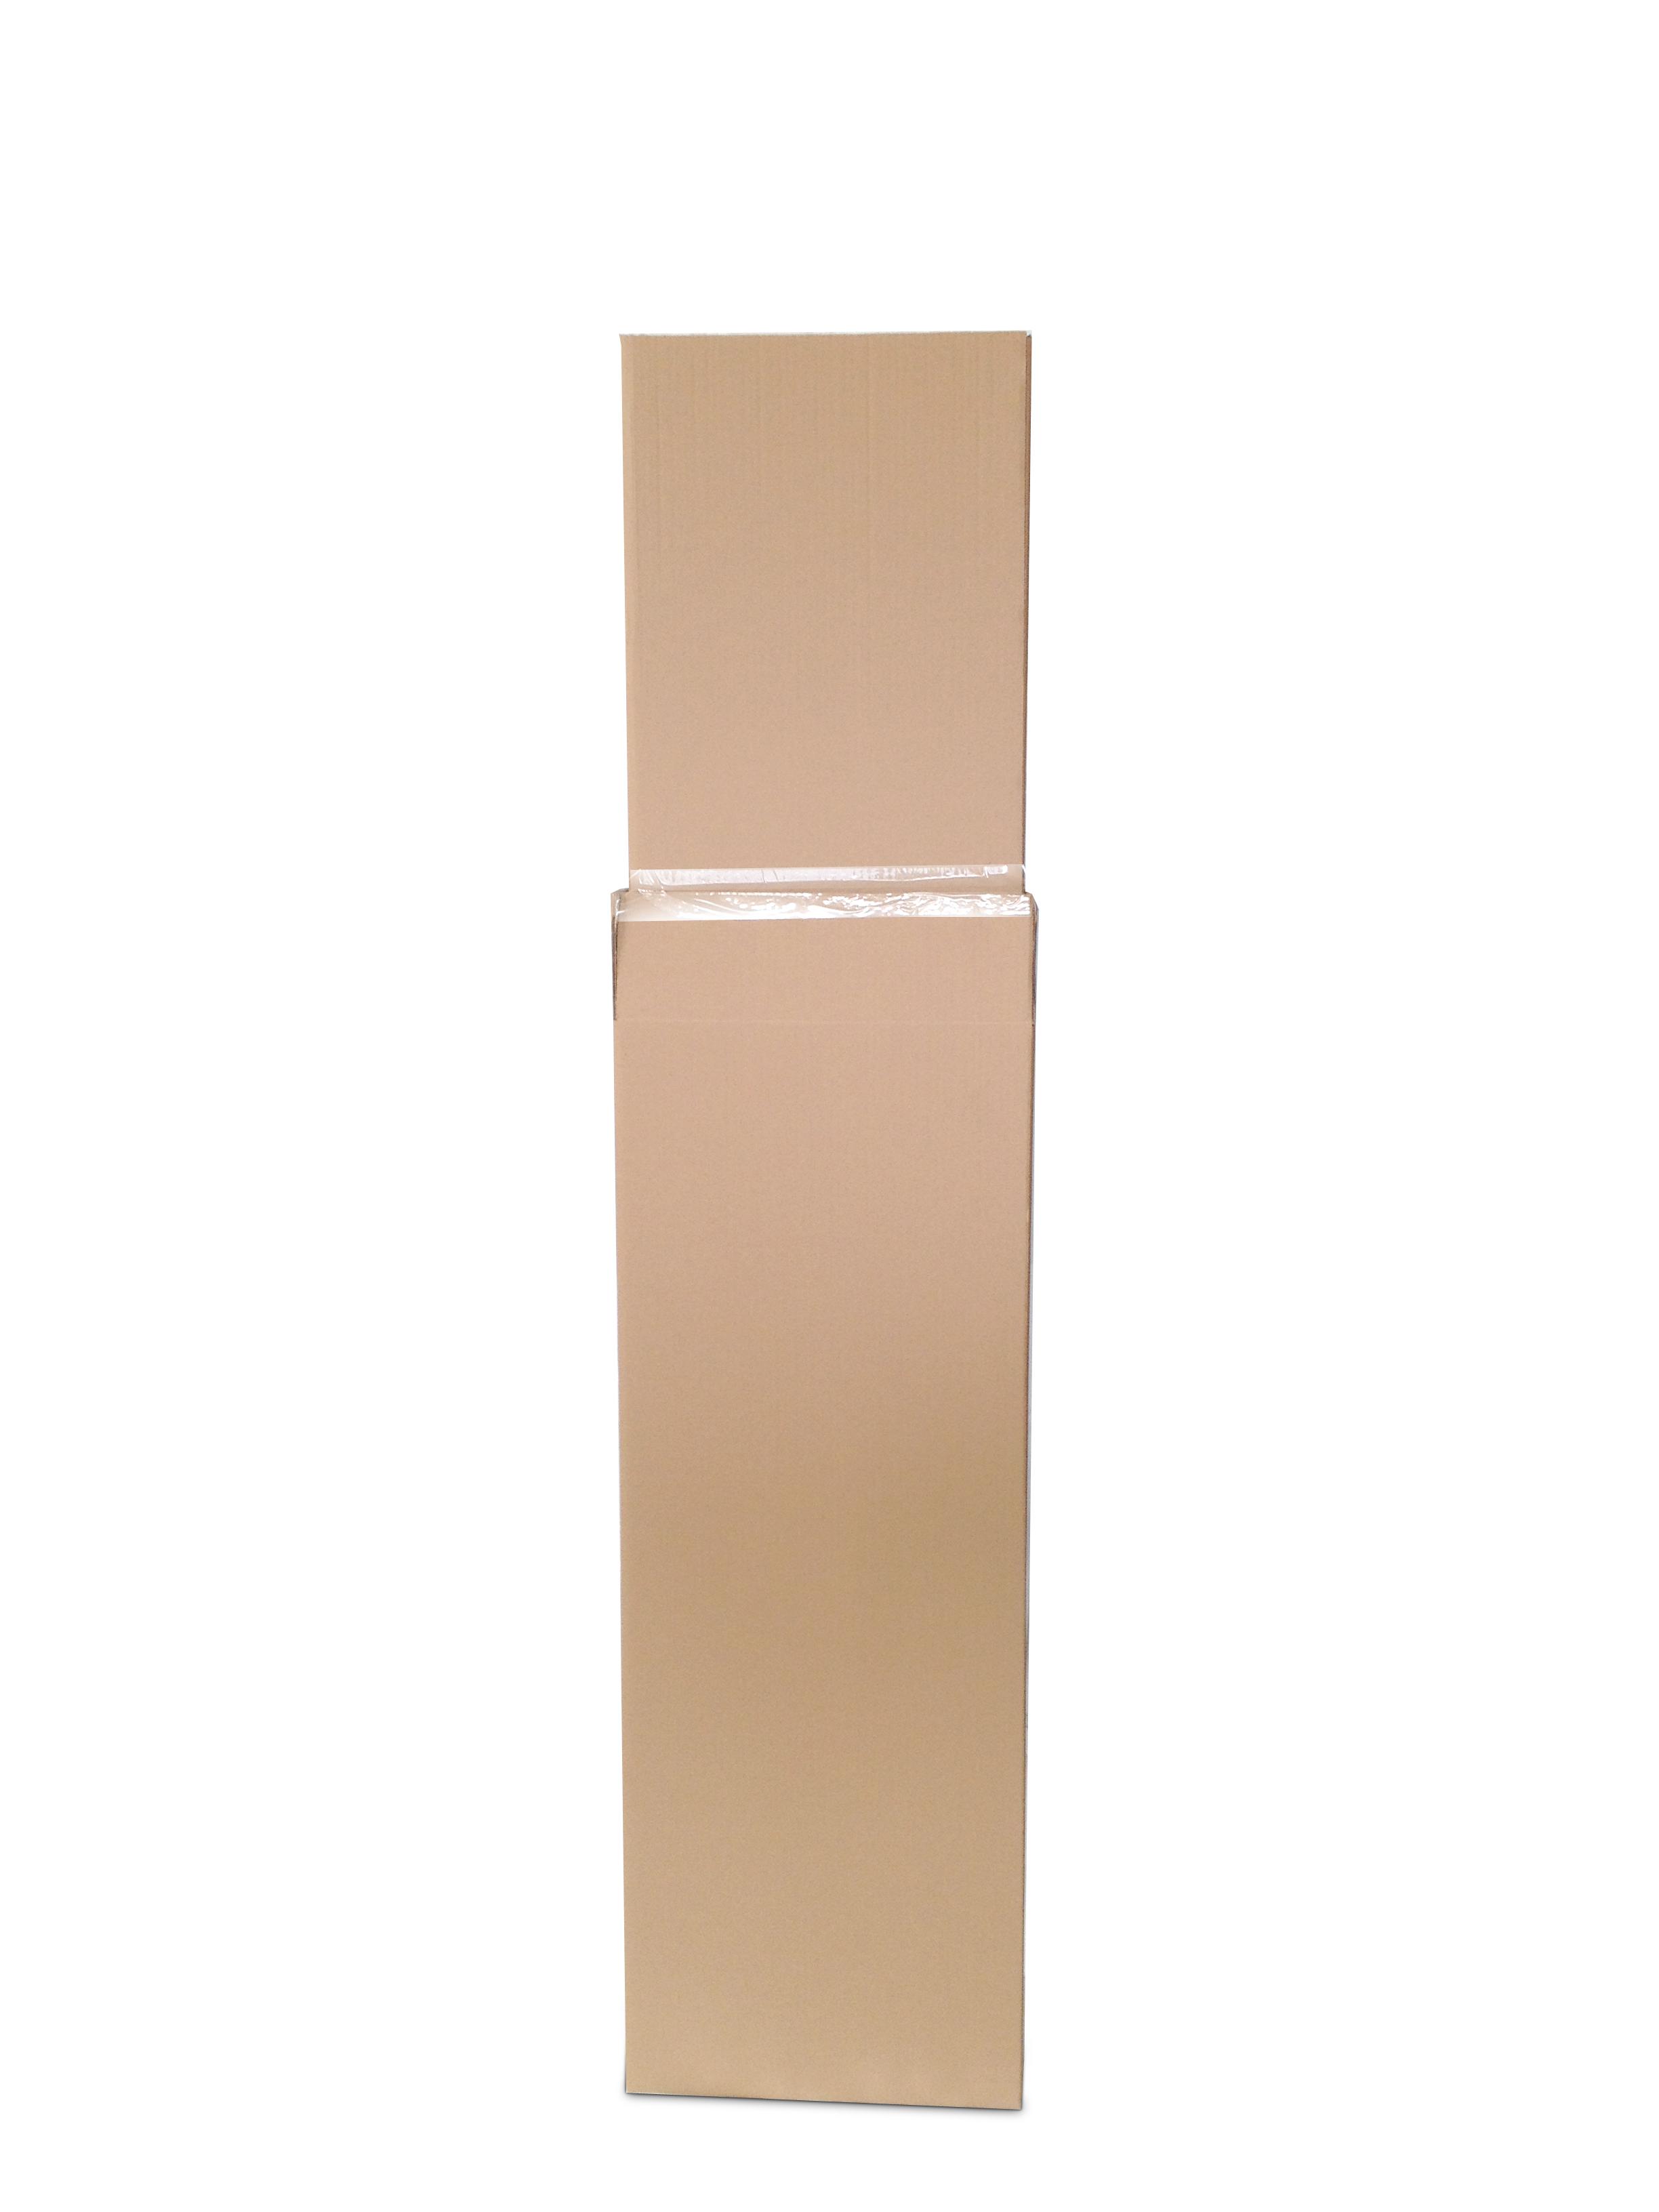 3). beide Kartons zusammenkleben